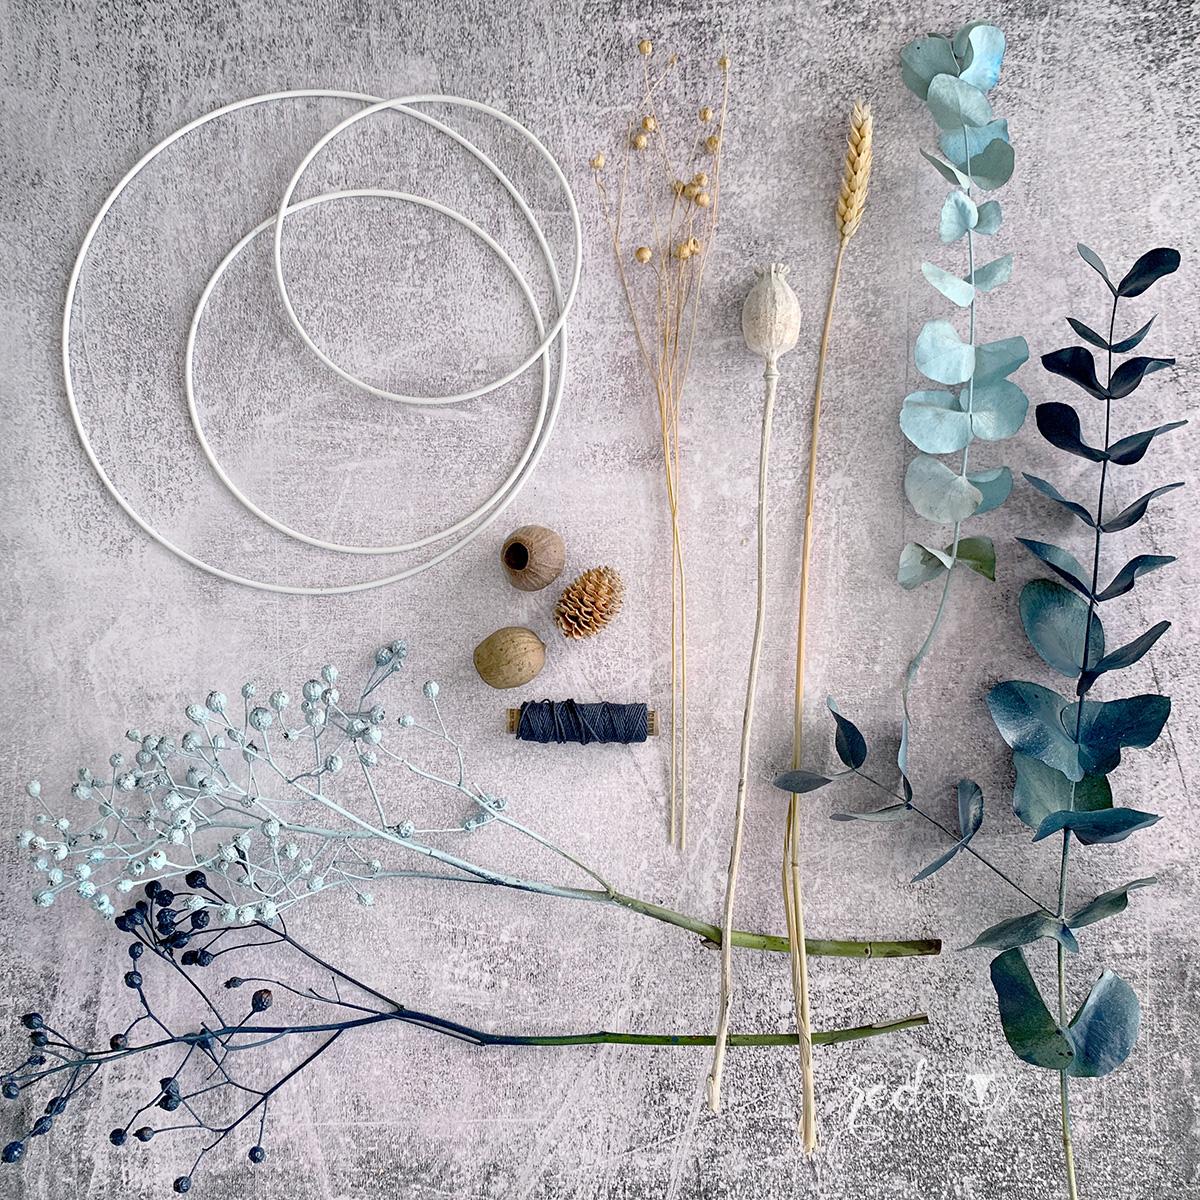 missredfox - 12giftswithlove 10 - Kranz aus trockenen Blumen - 02